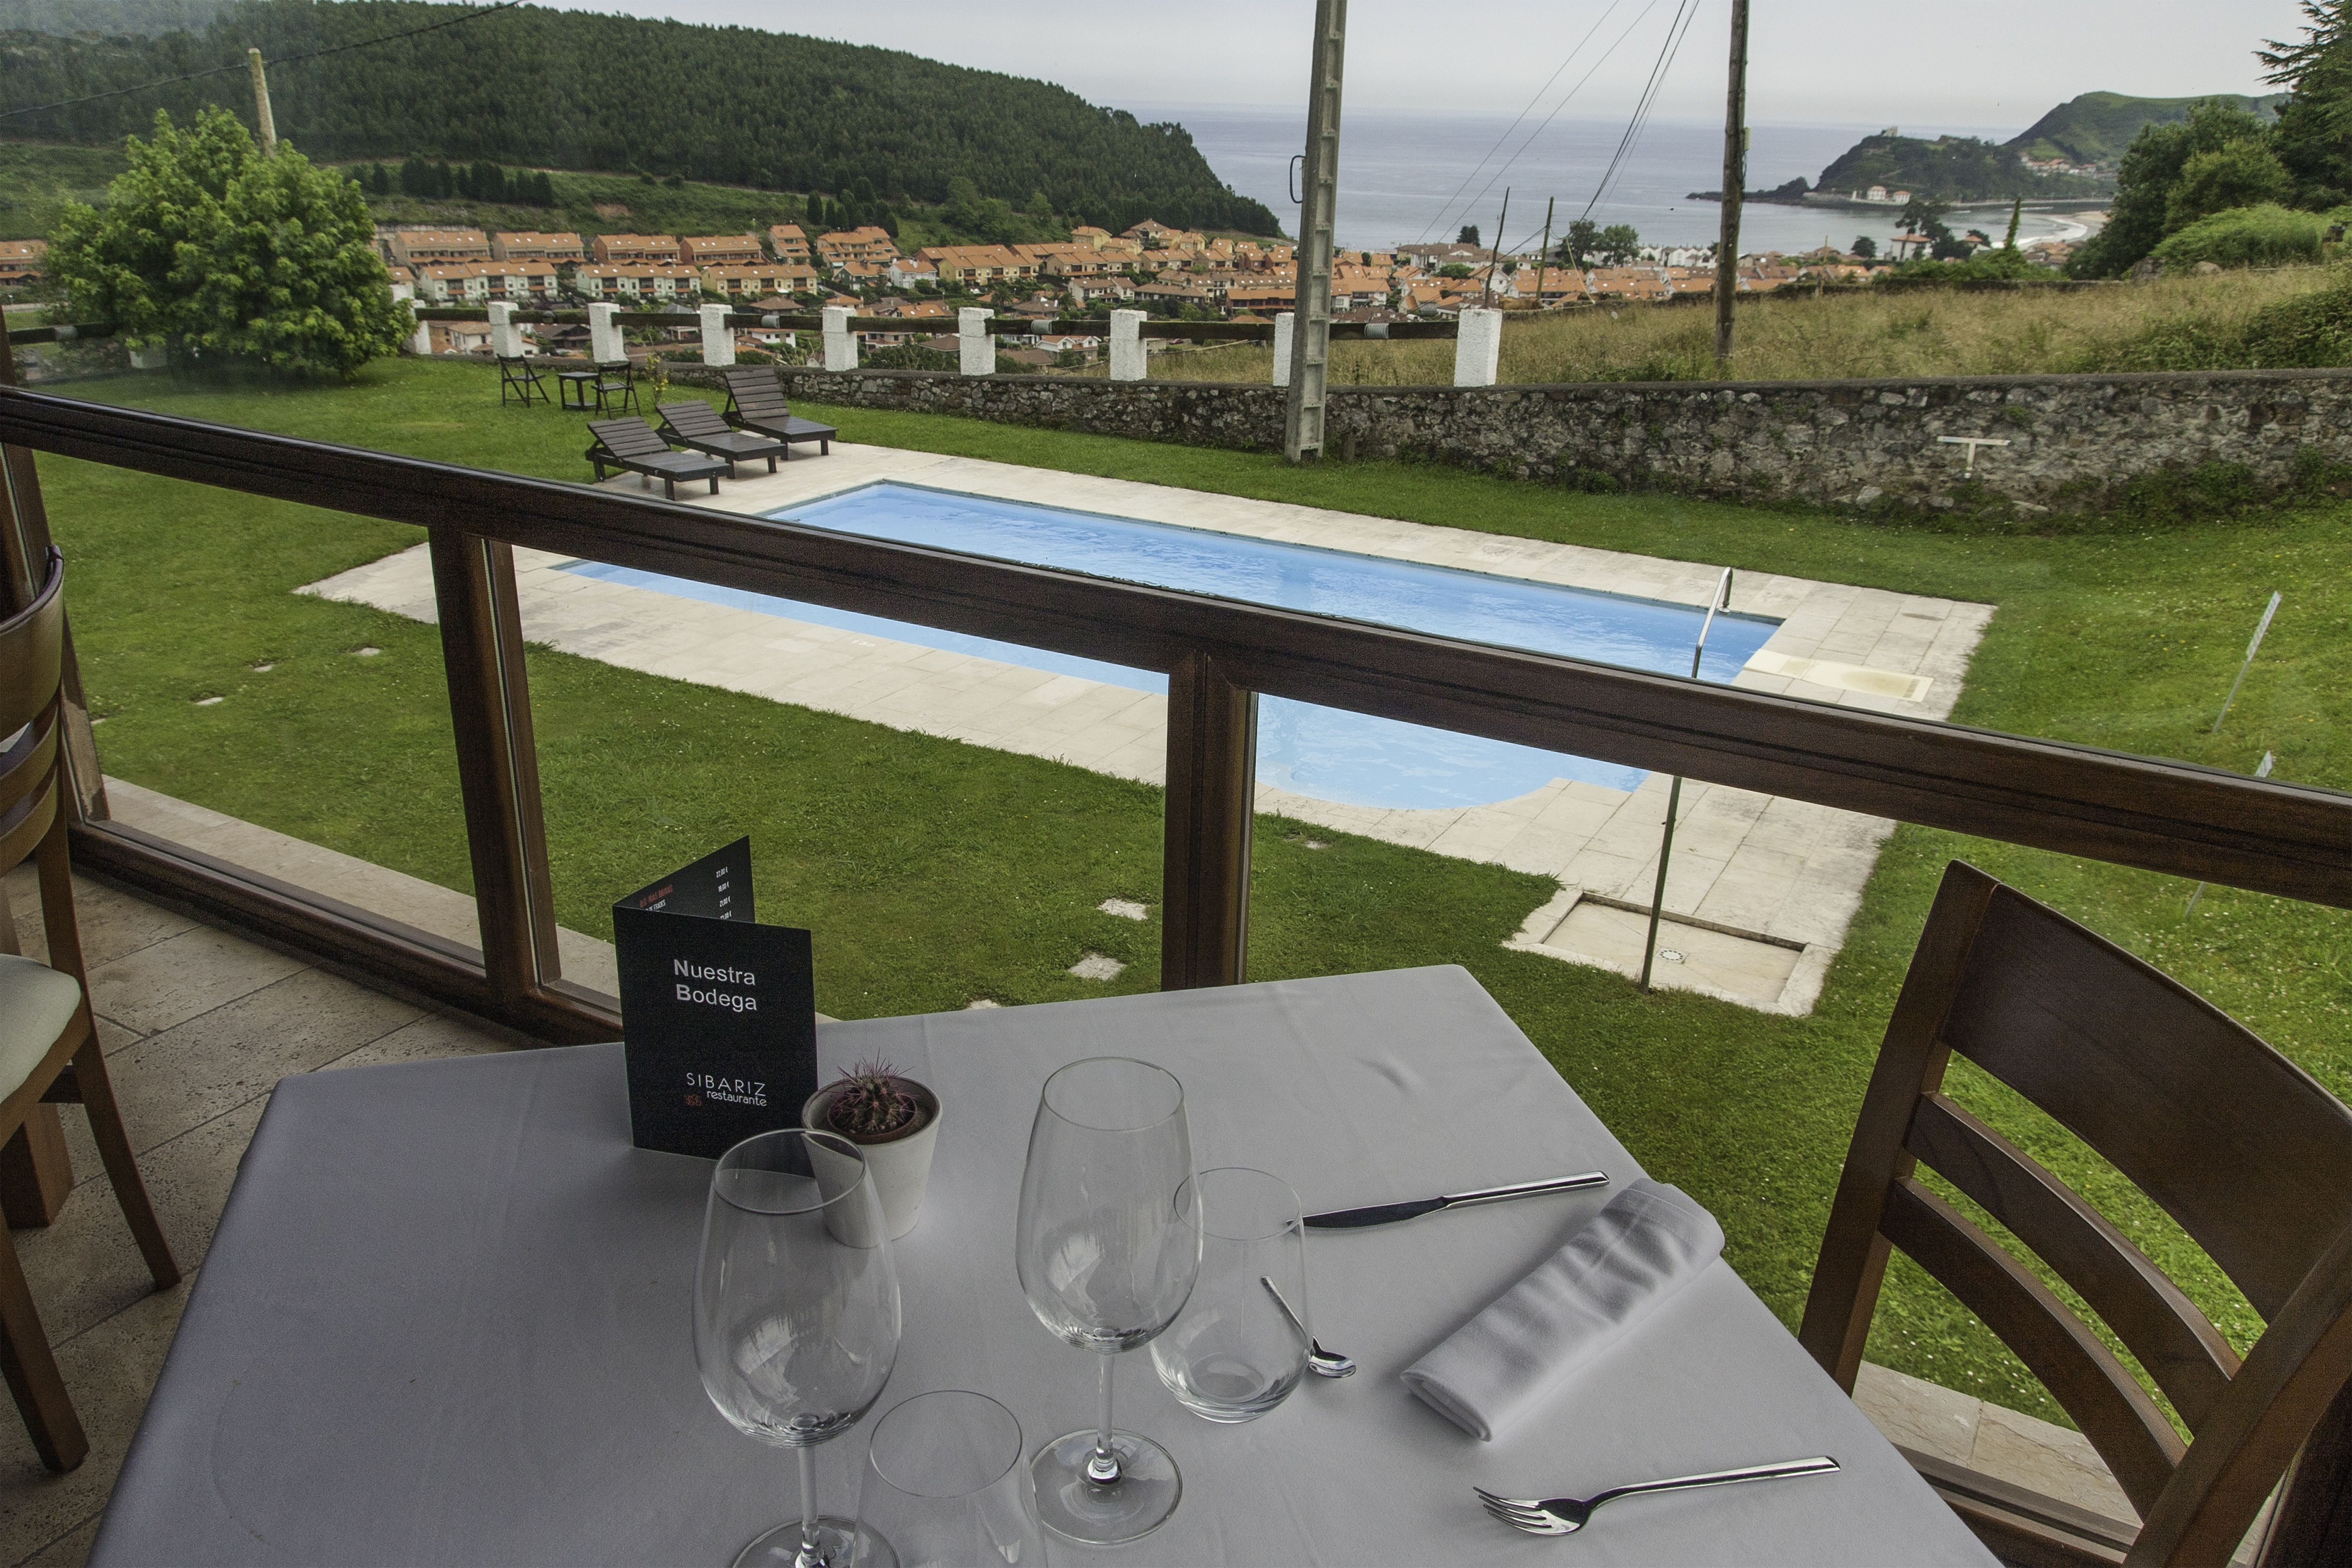 Restaurante con piscina en Ribadesella